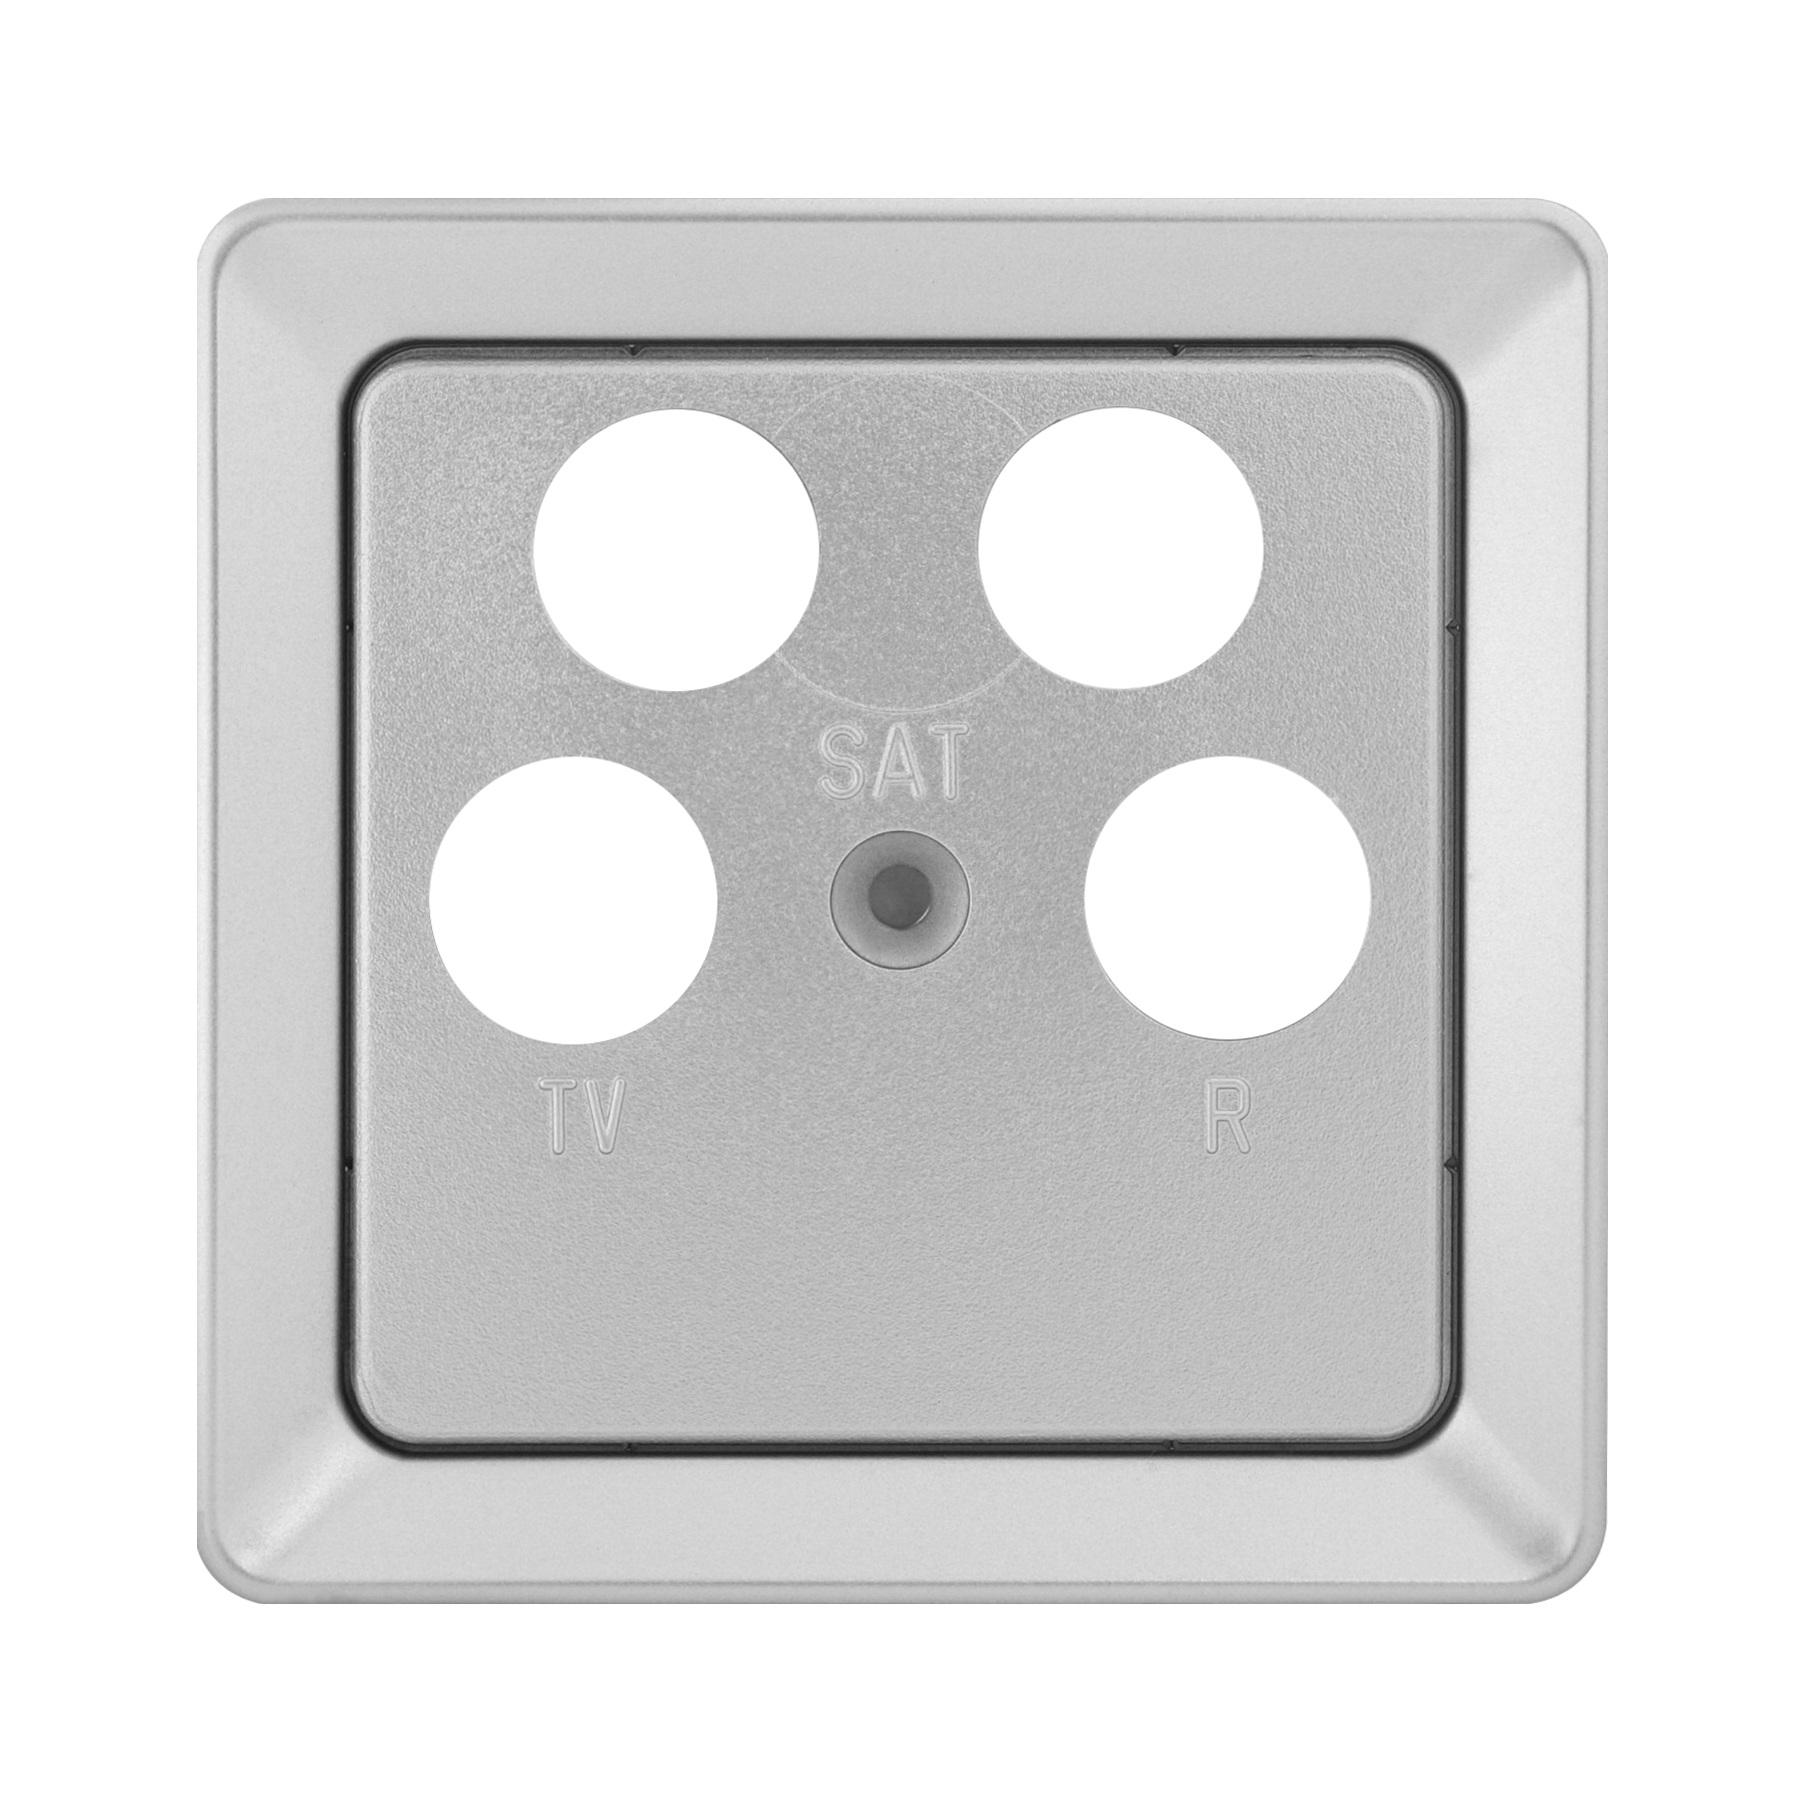 1 Stk Zentralplatte für Sat-Dosen 4-Loch Astro/Ankaro, Alueffekt EL2060519-